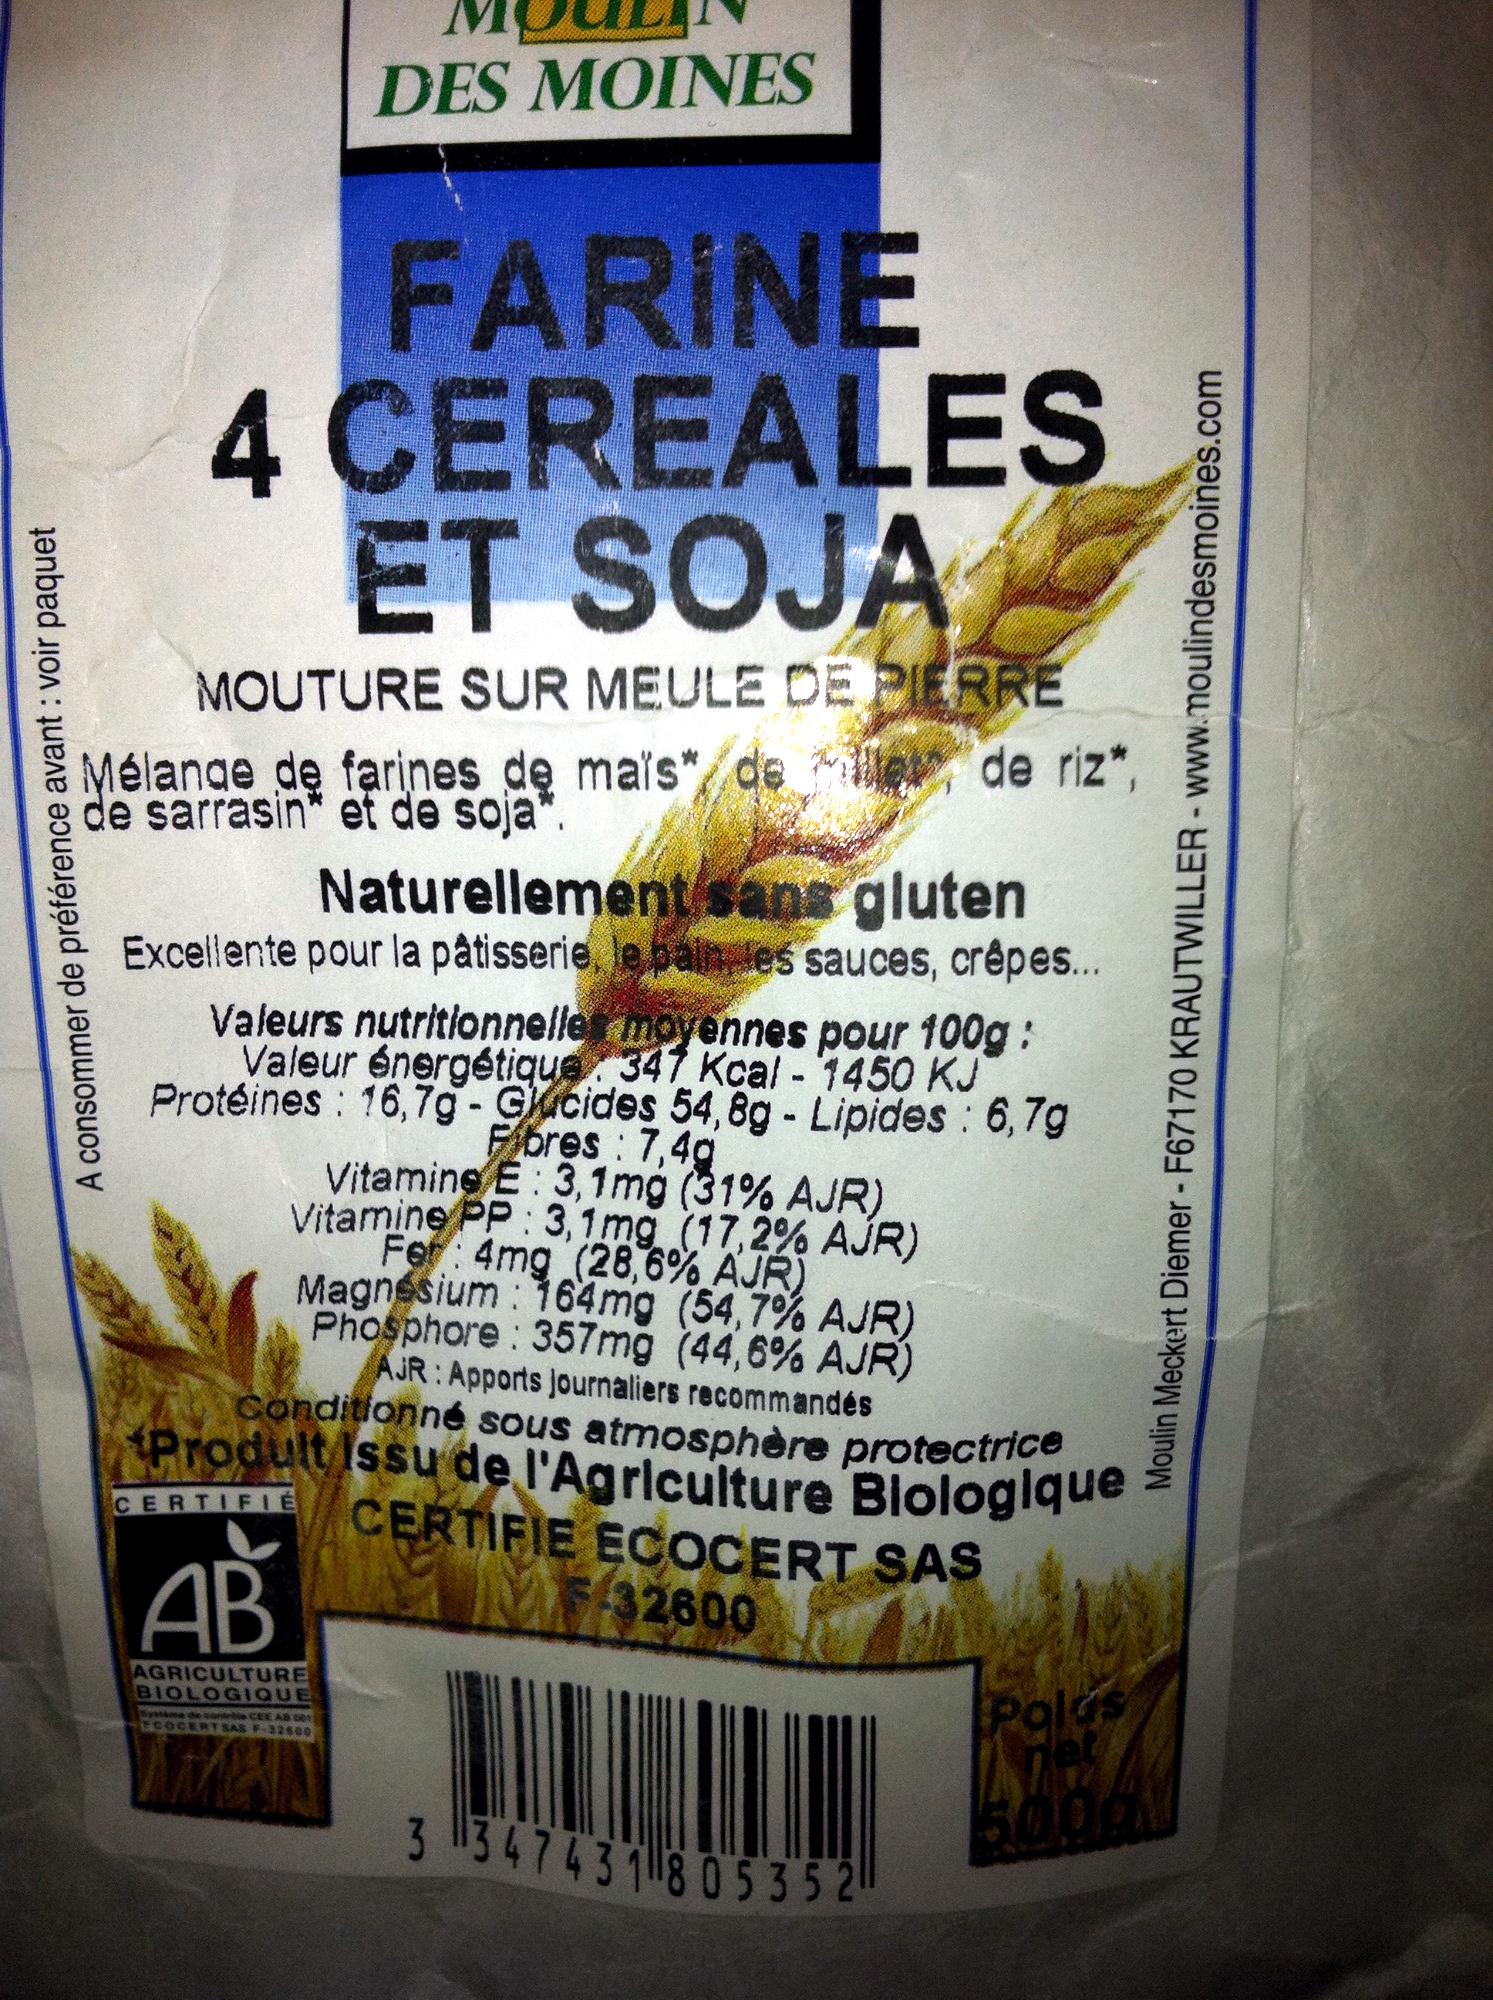 Farine 4 céréales et soja - Produit